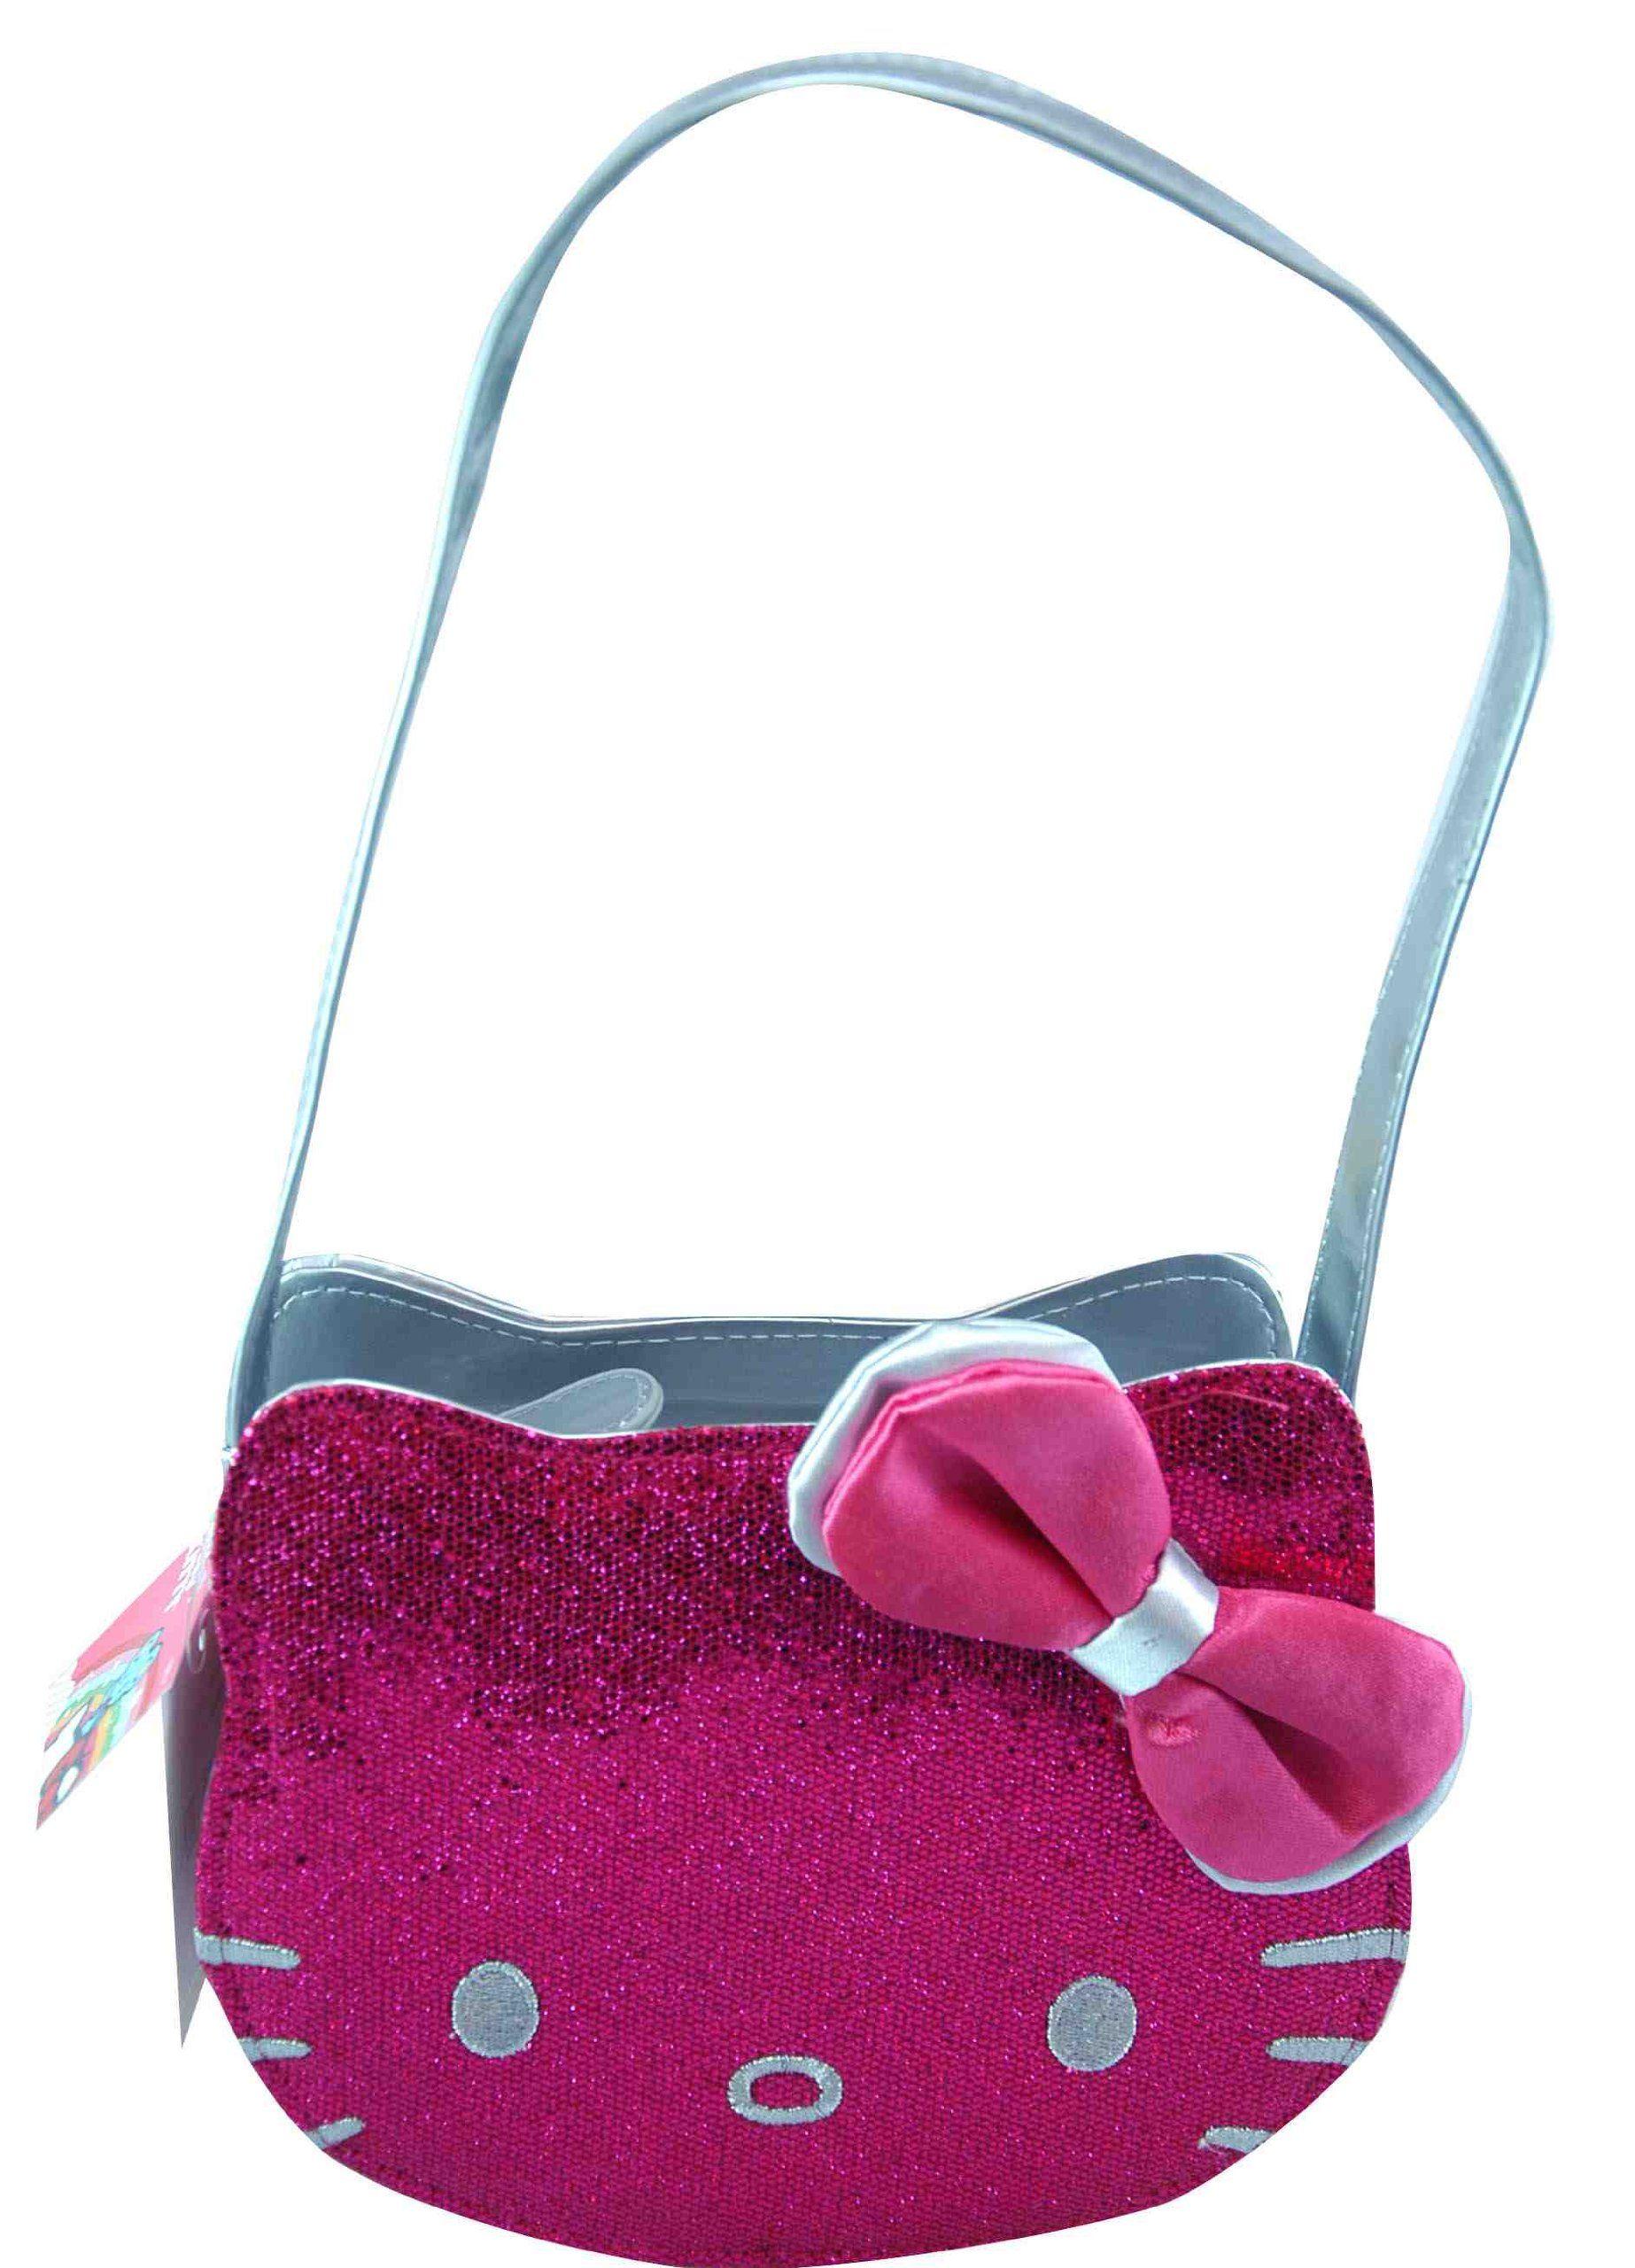 Handbag - Hello Kitty - Pink Die Cut PVC Head  462f62d38d2ae